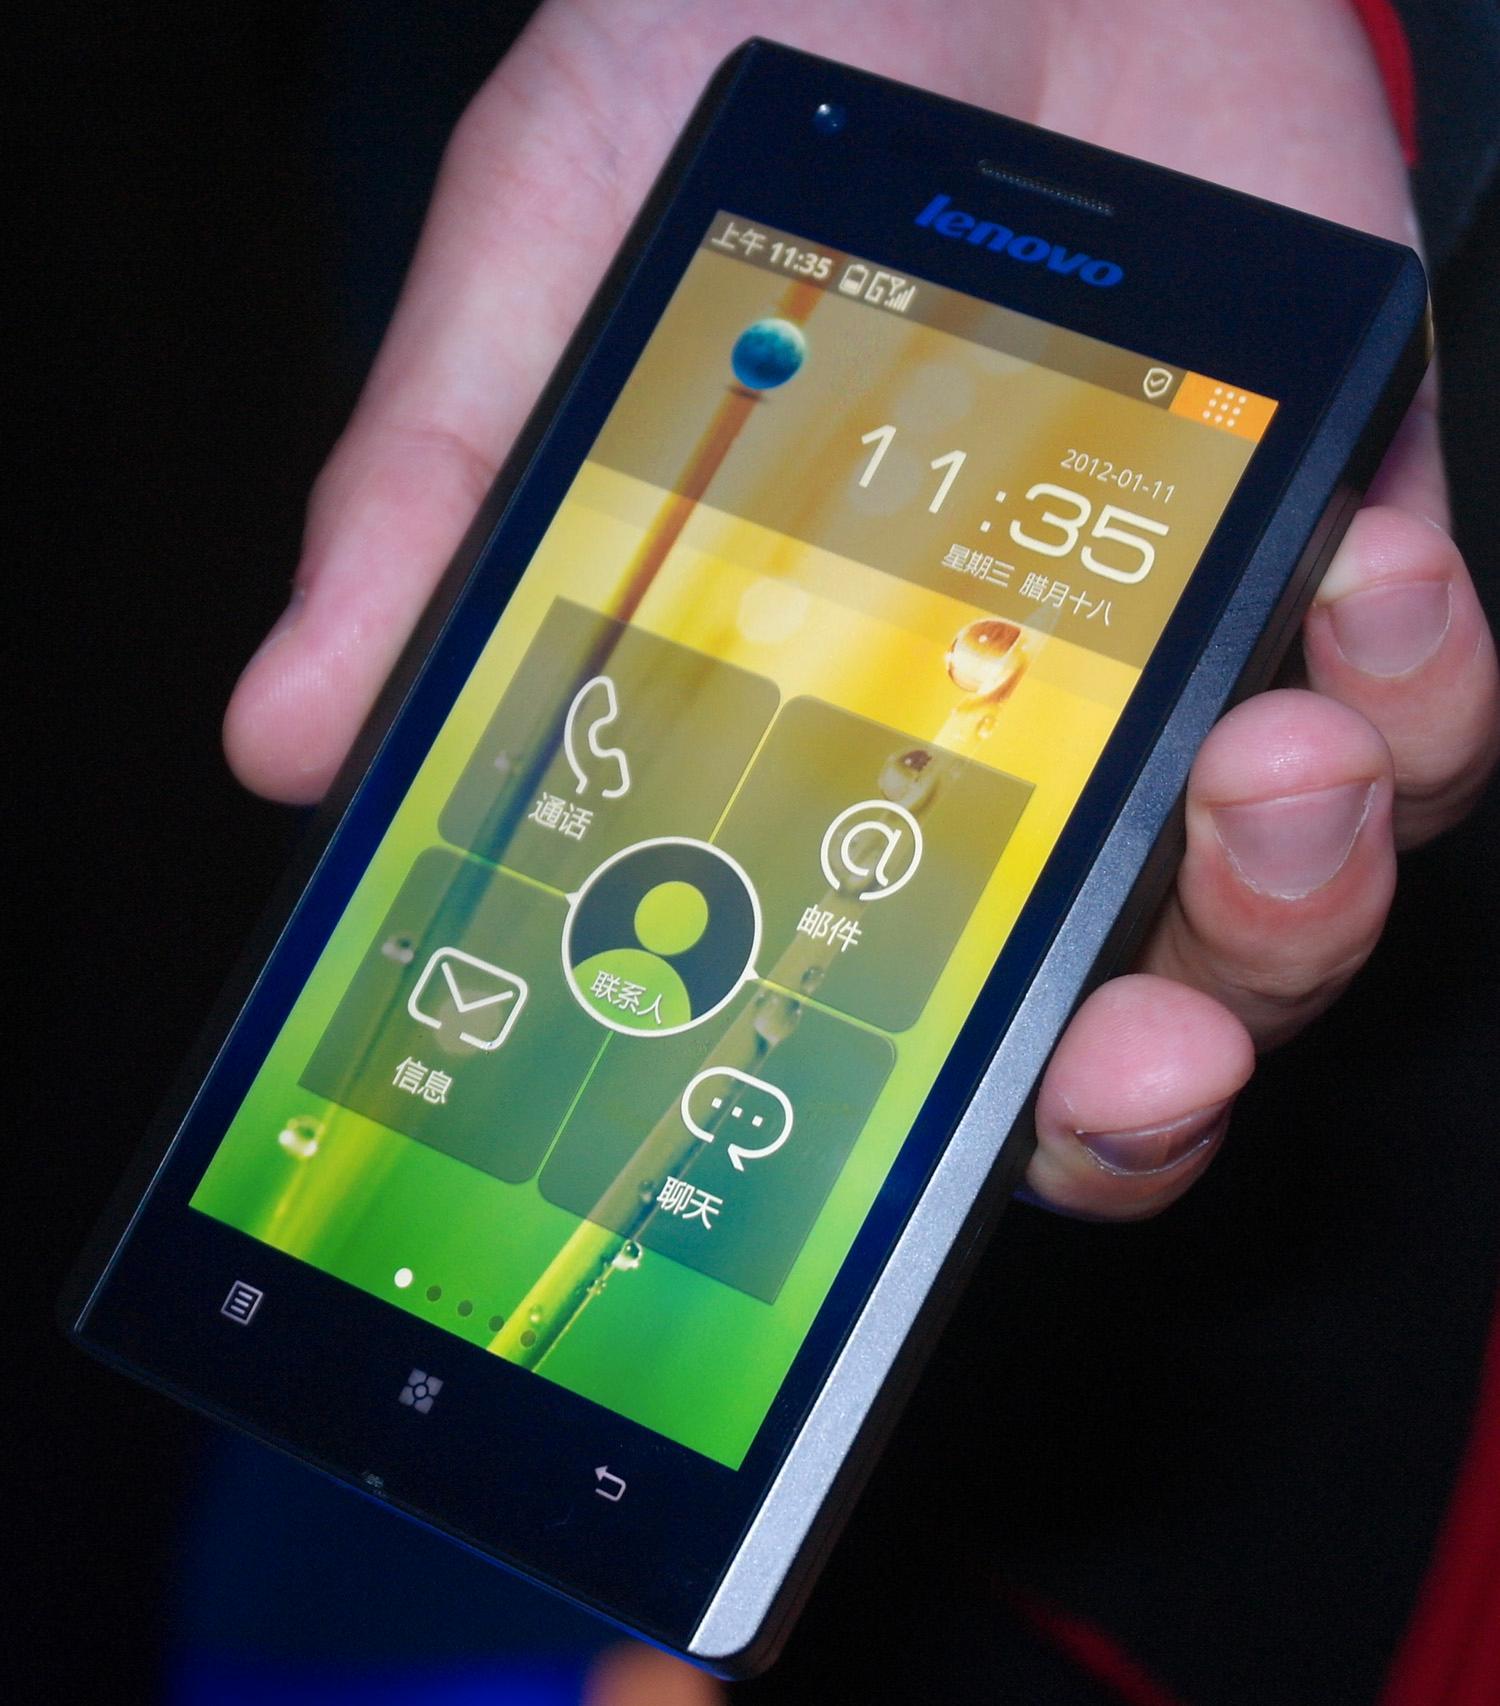 Lenovos menysystem er ganske annerledes enn vi er vant til på Android-telefoner. Menyene har fått navnet LenovoMagic 3.0.